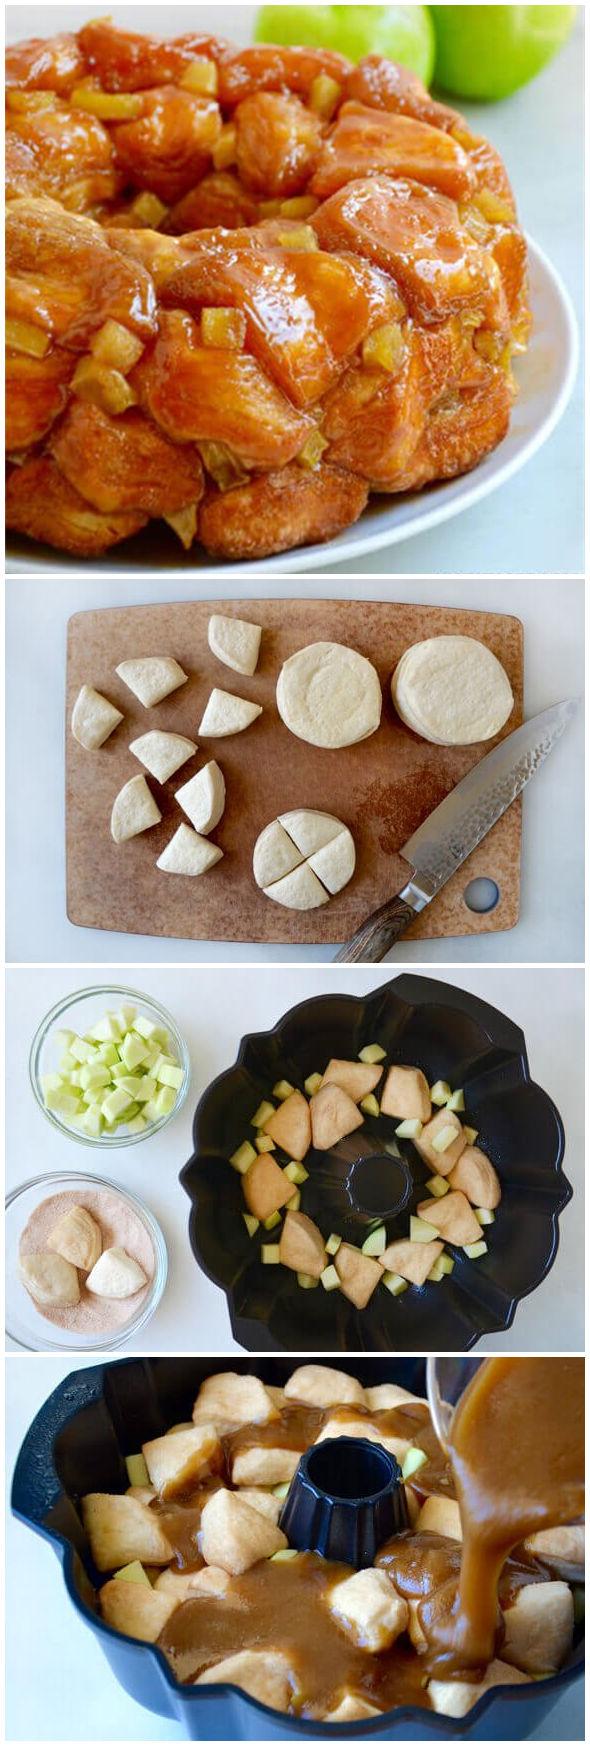 Easy Caramel Apple Monkey Bread